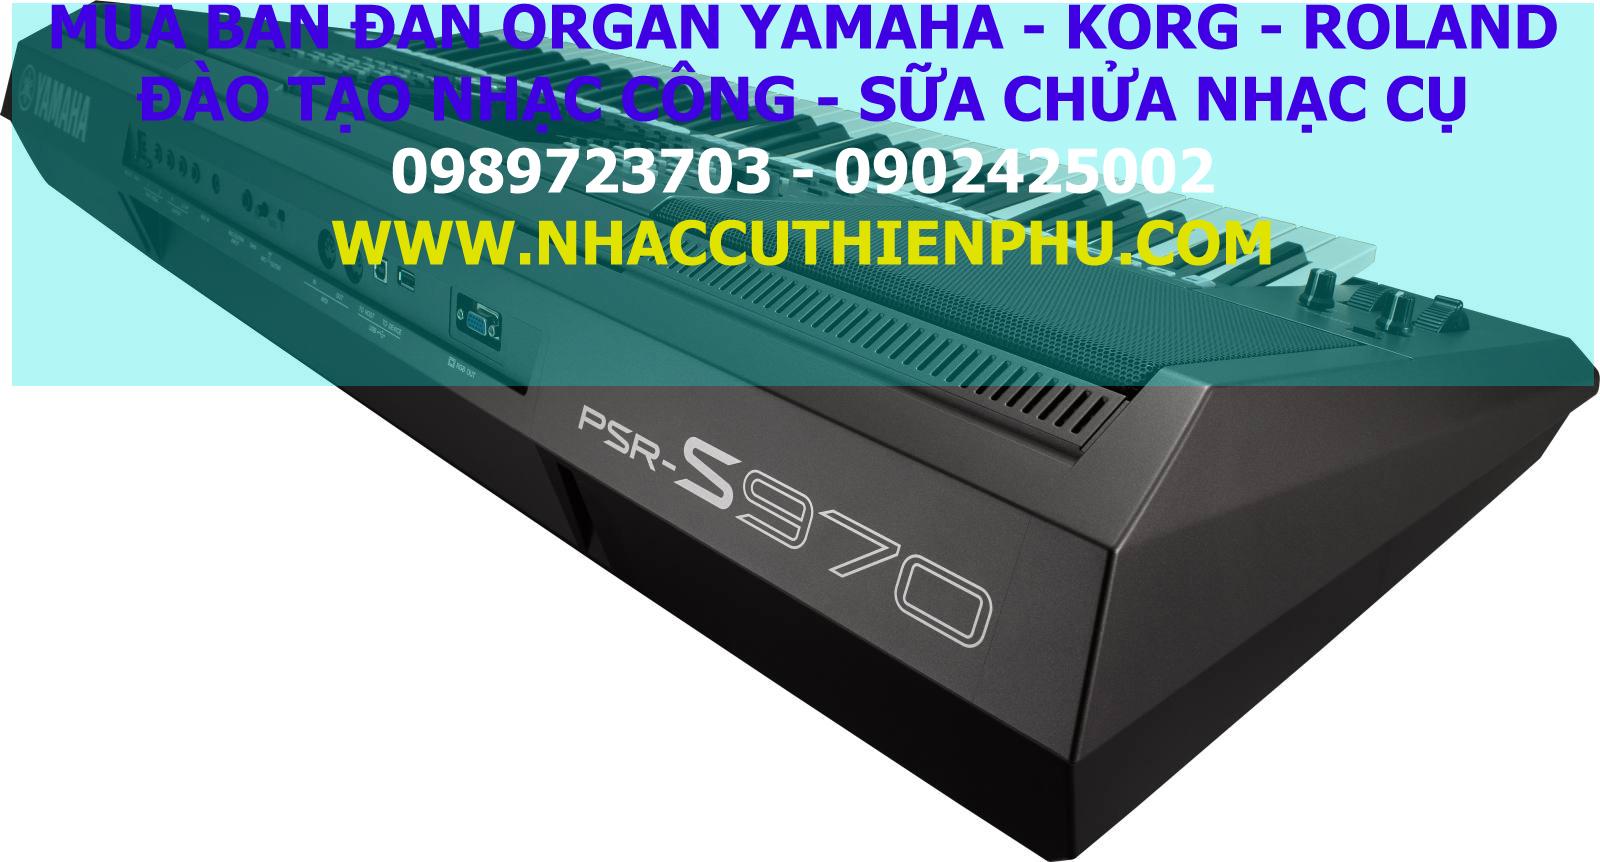 organ-yamaha-psr-s970-moi-chinh-hang-cu-da-qua-su-dung